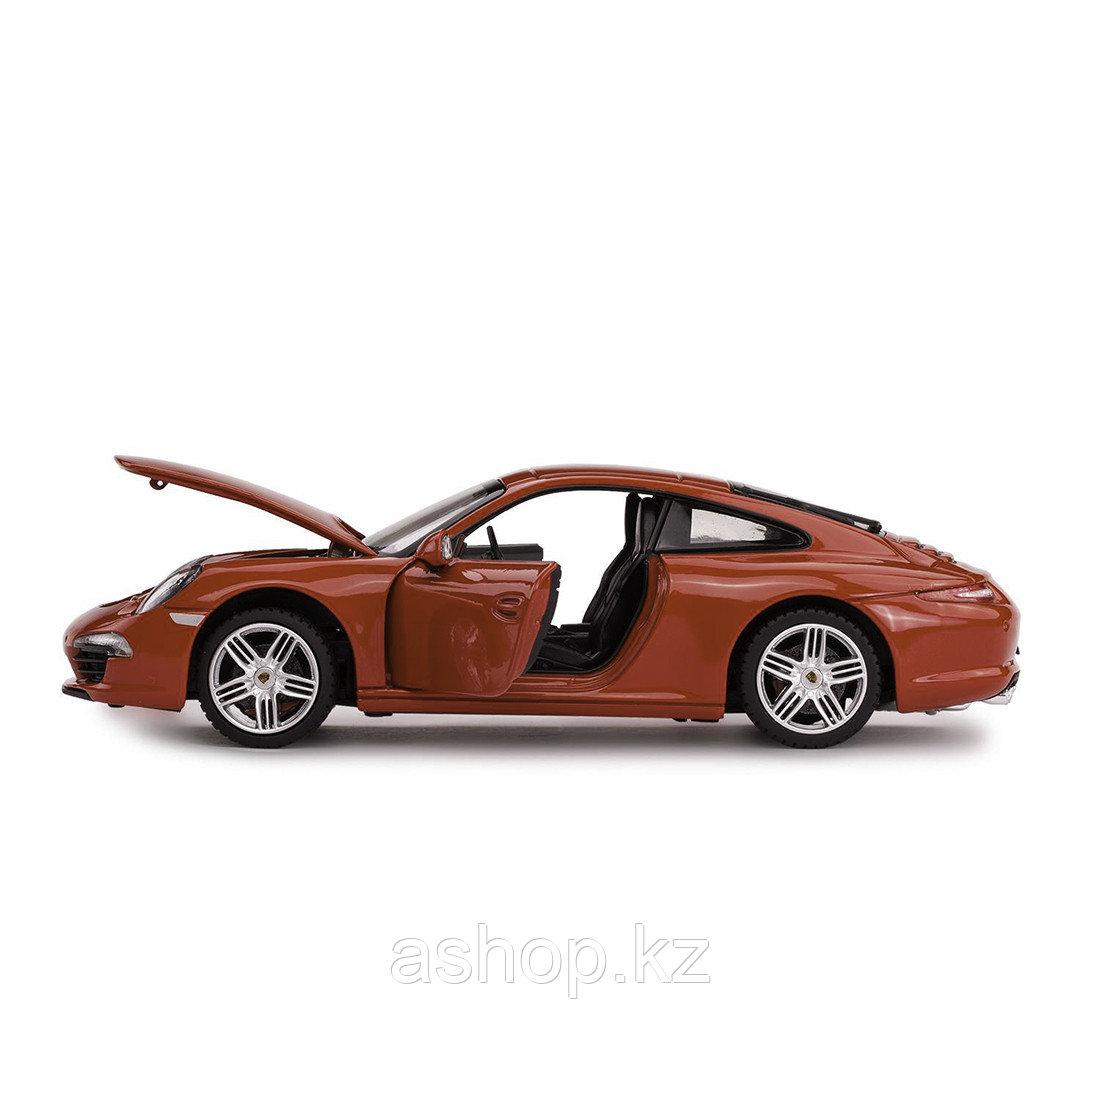 Модель автомобиля коллекционная Rastar Porsche 911, 1:24, Материал: Металл, Цвет: Красный, (56200R)